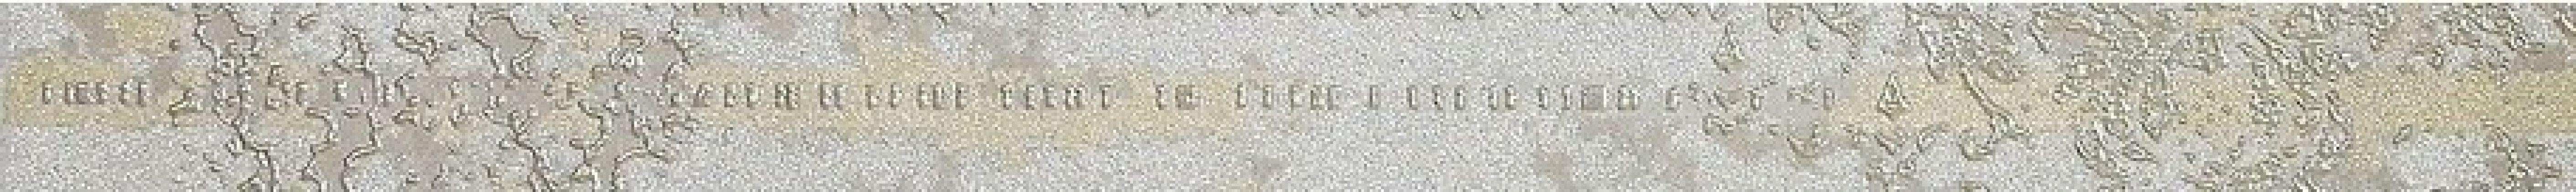 ListelloMetallikTaupe 4x60